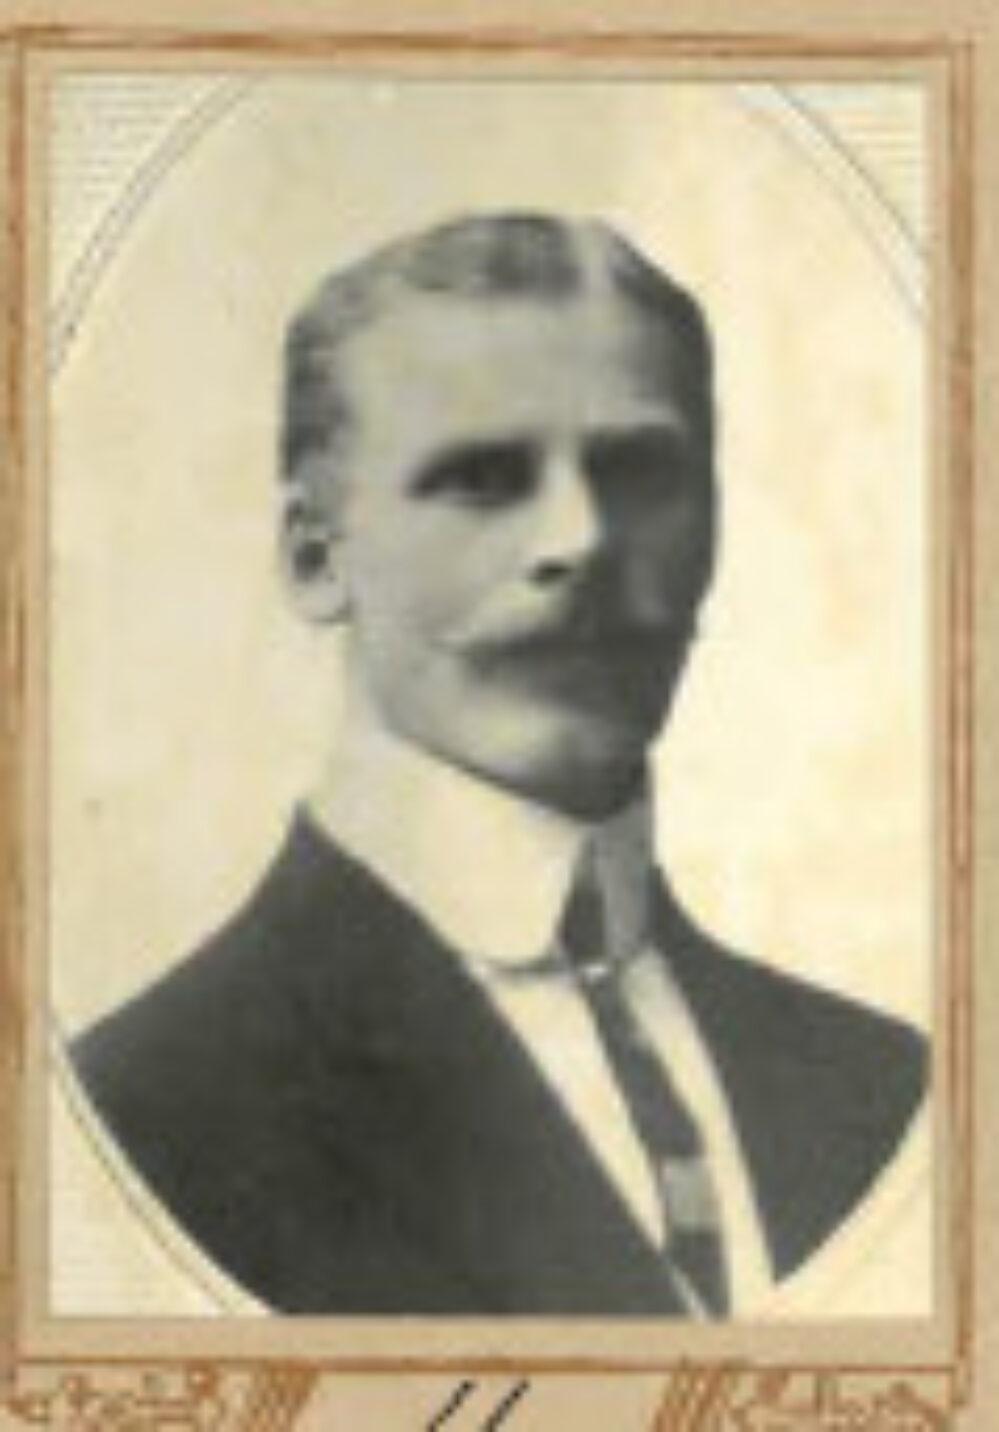 Lars Larsen